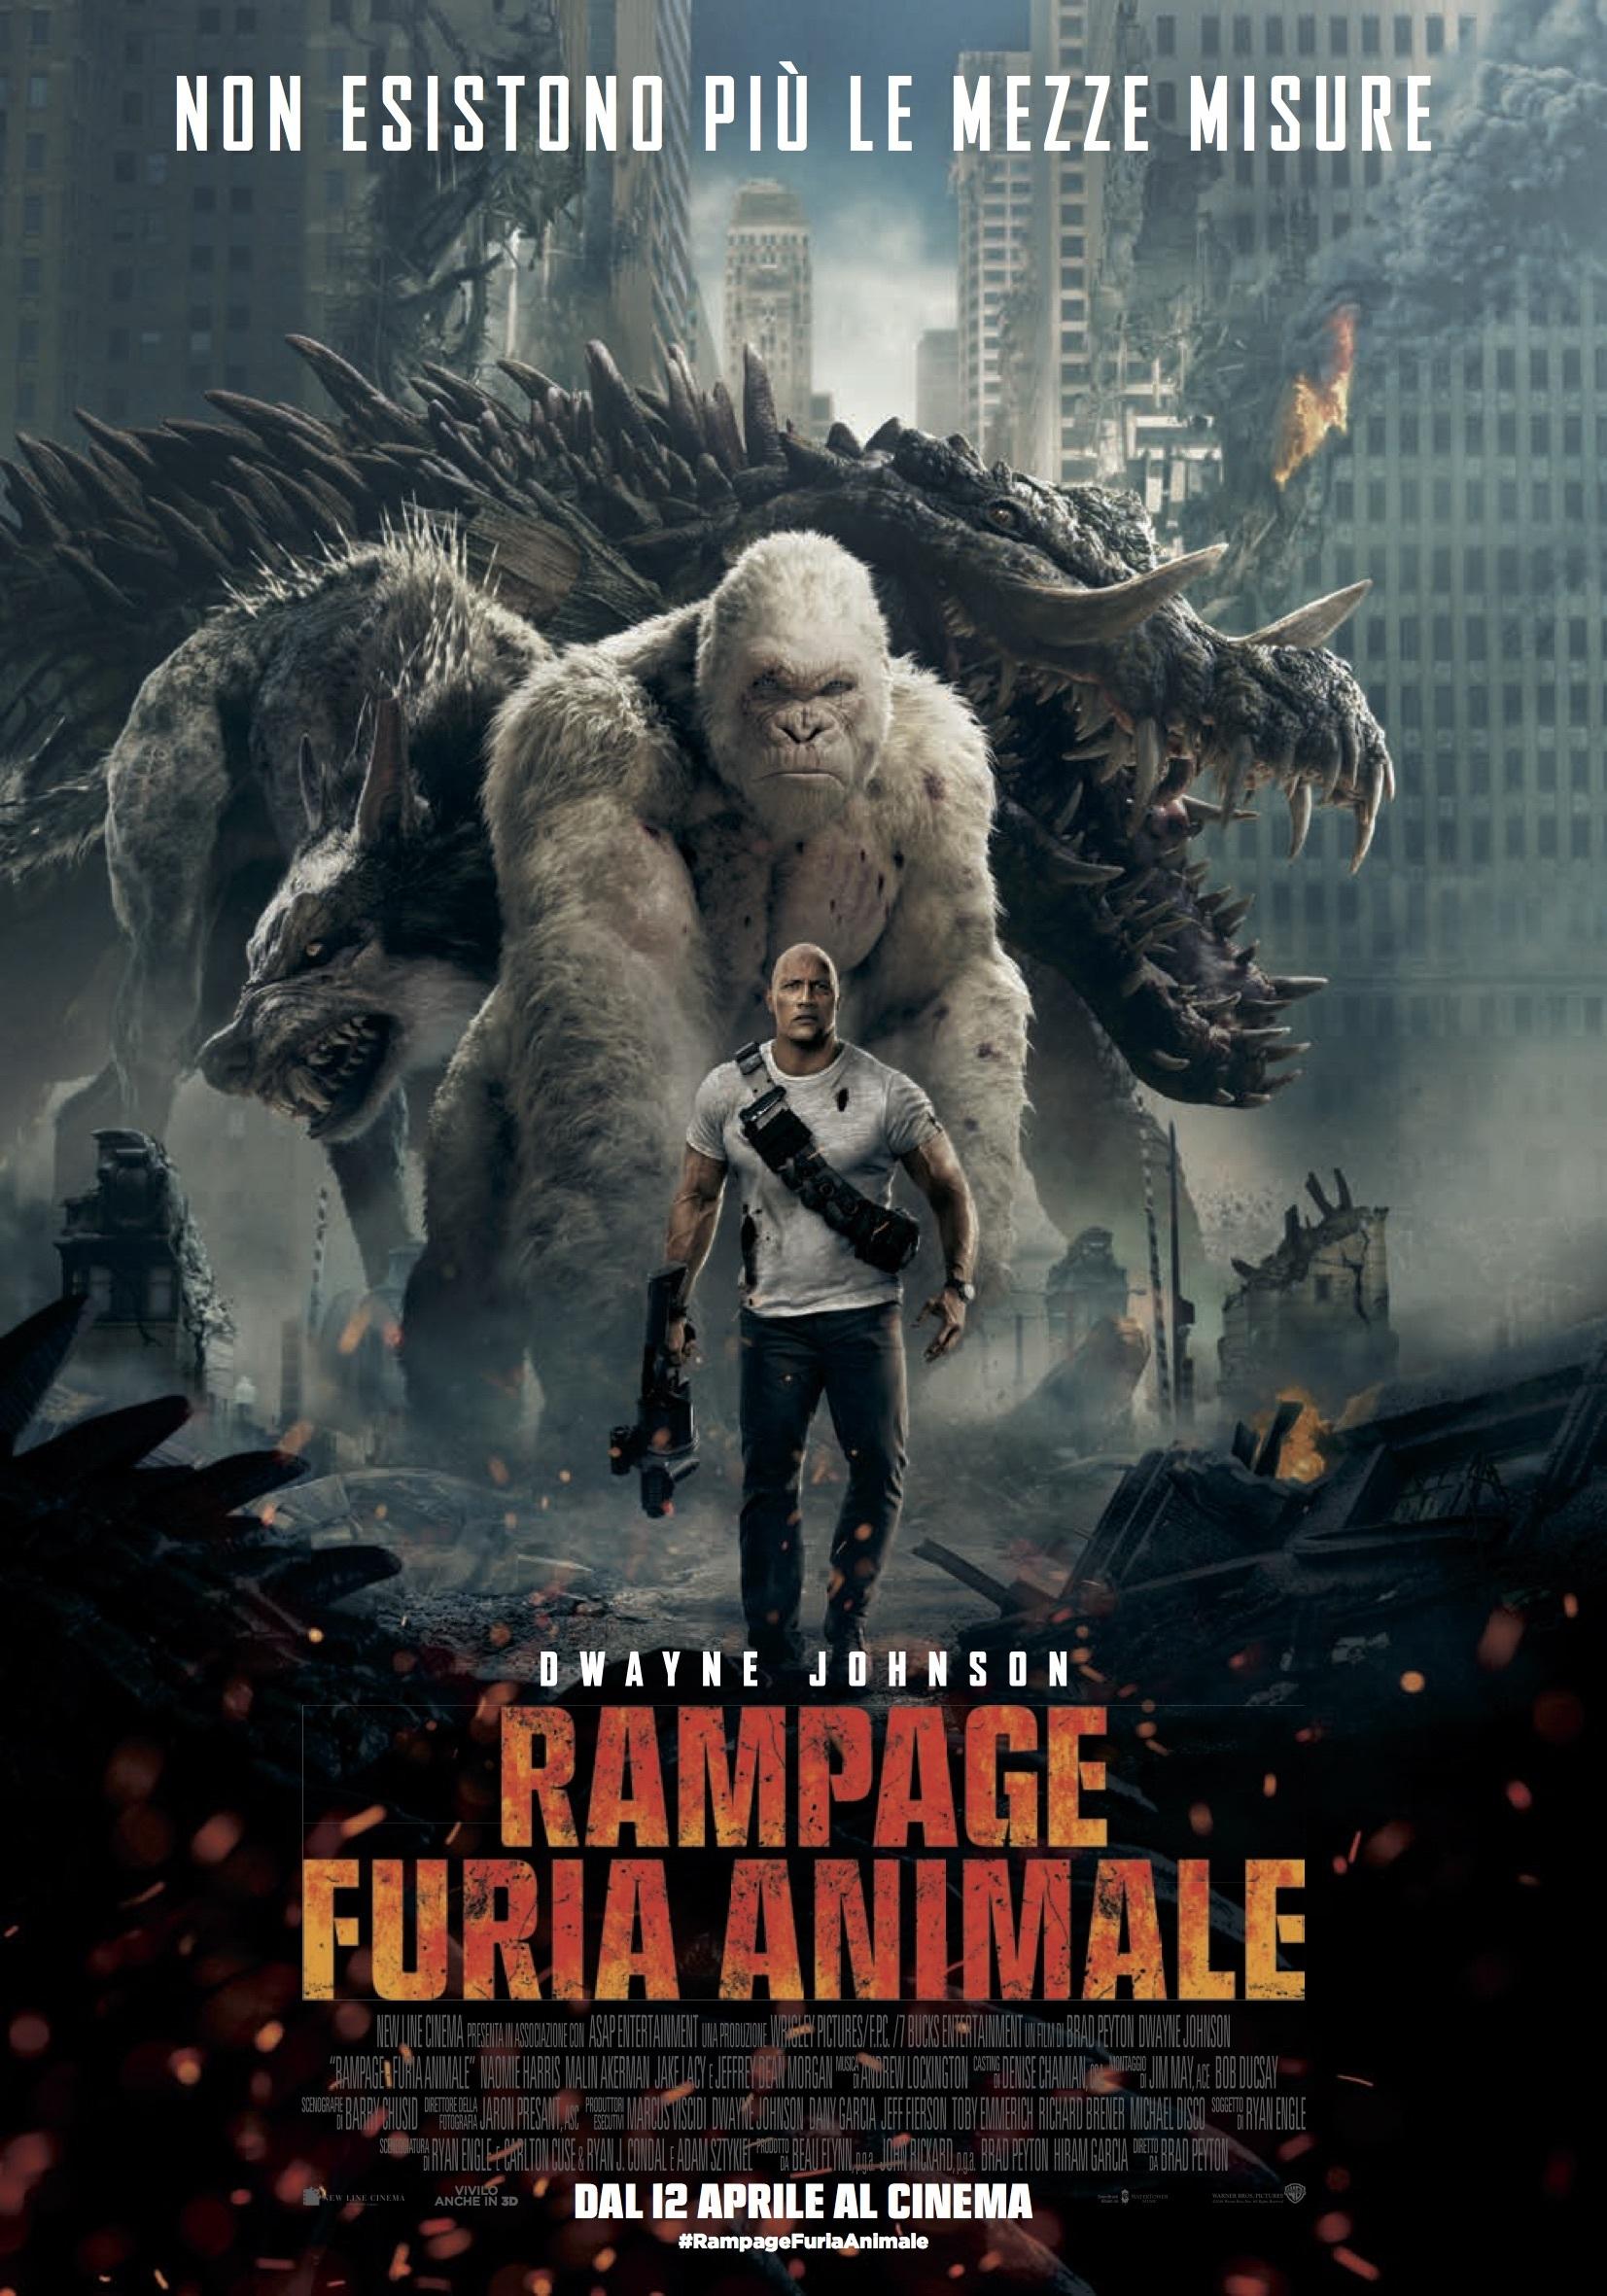 Rampage: Furia animale